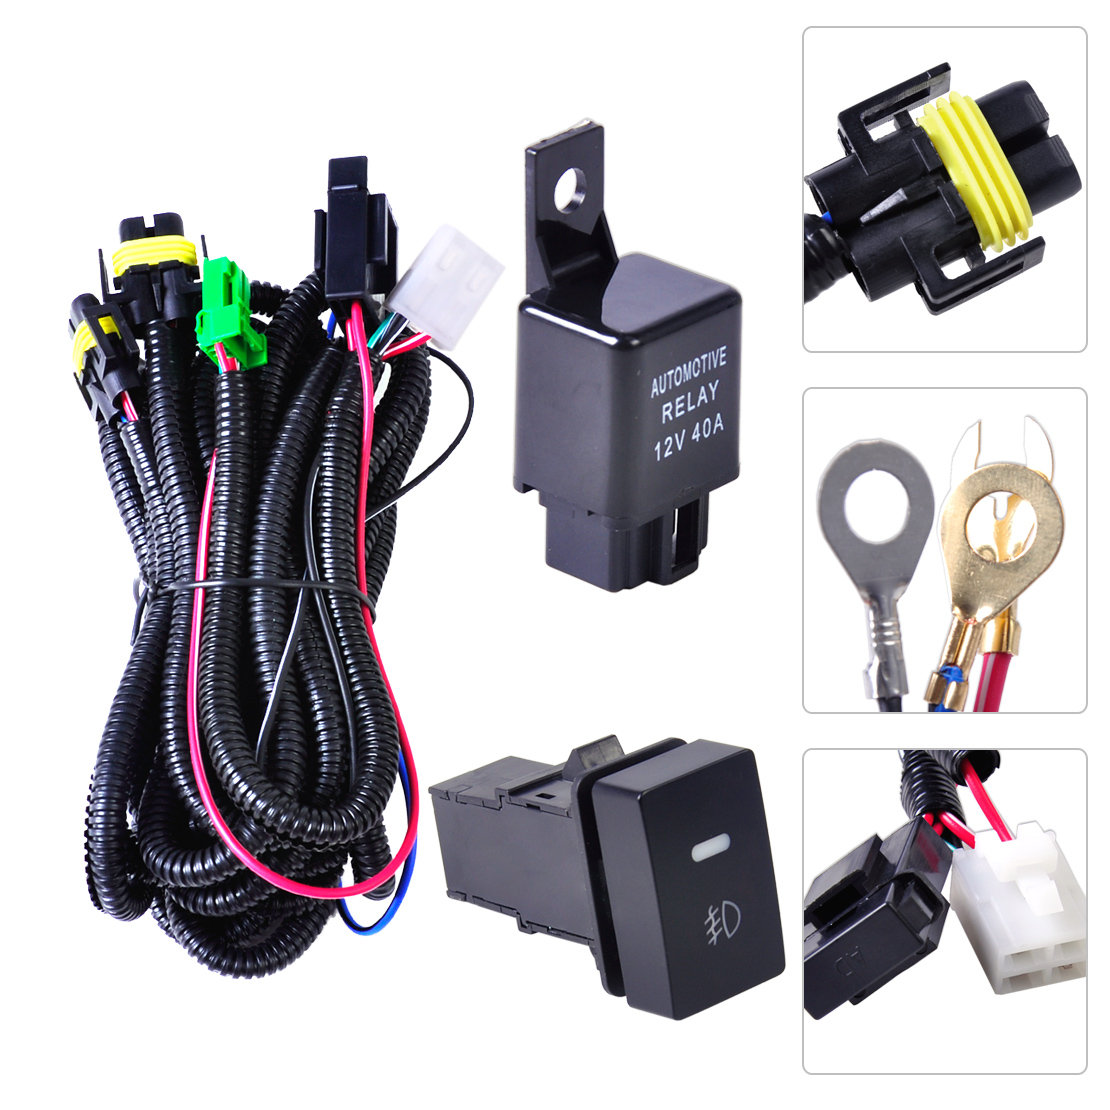 CITALL H11 Fog Lâmpada Luz Cablagem Sockets Fio + Interruptor com indicadores LED NO Relé para Ford Focus Acura Nissan Honda